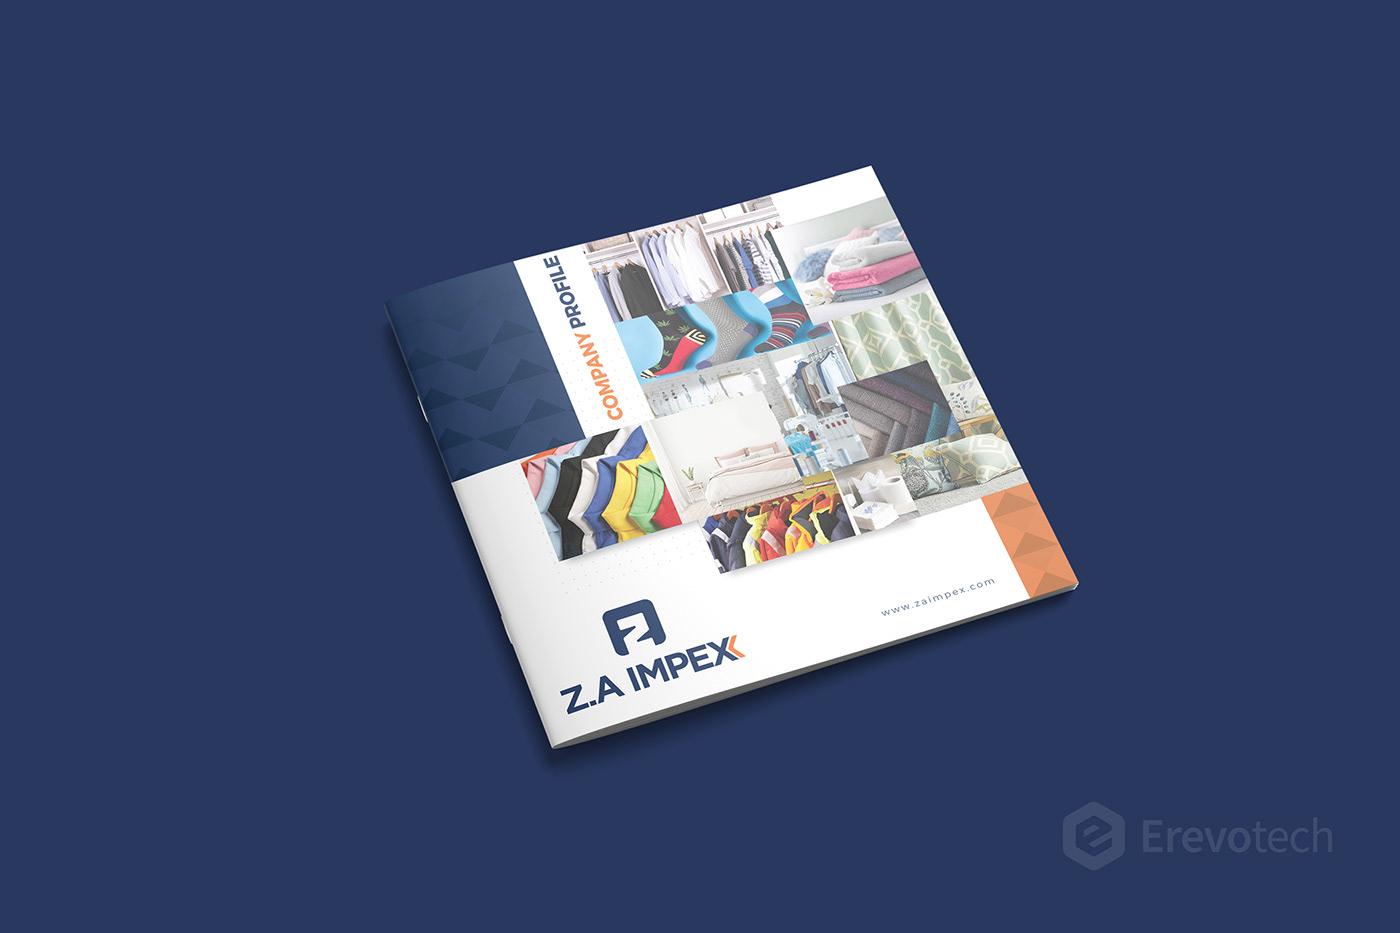 textile product catalogue design